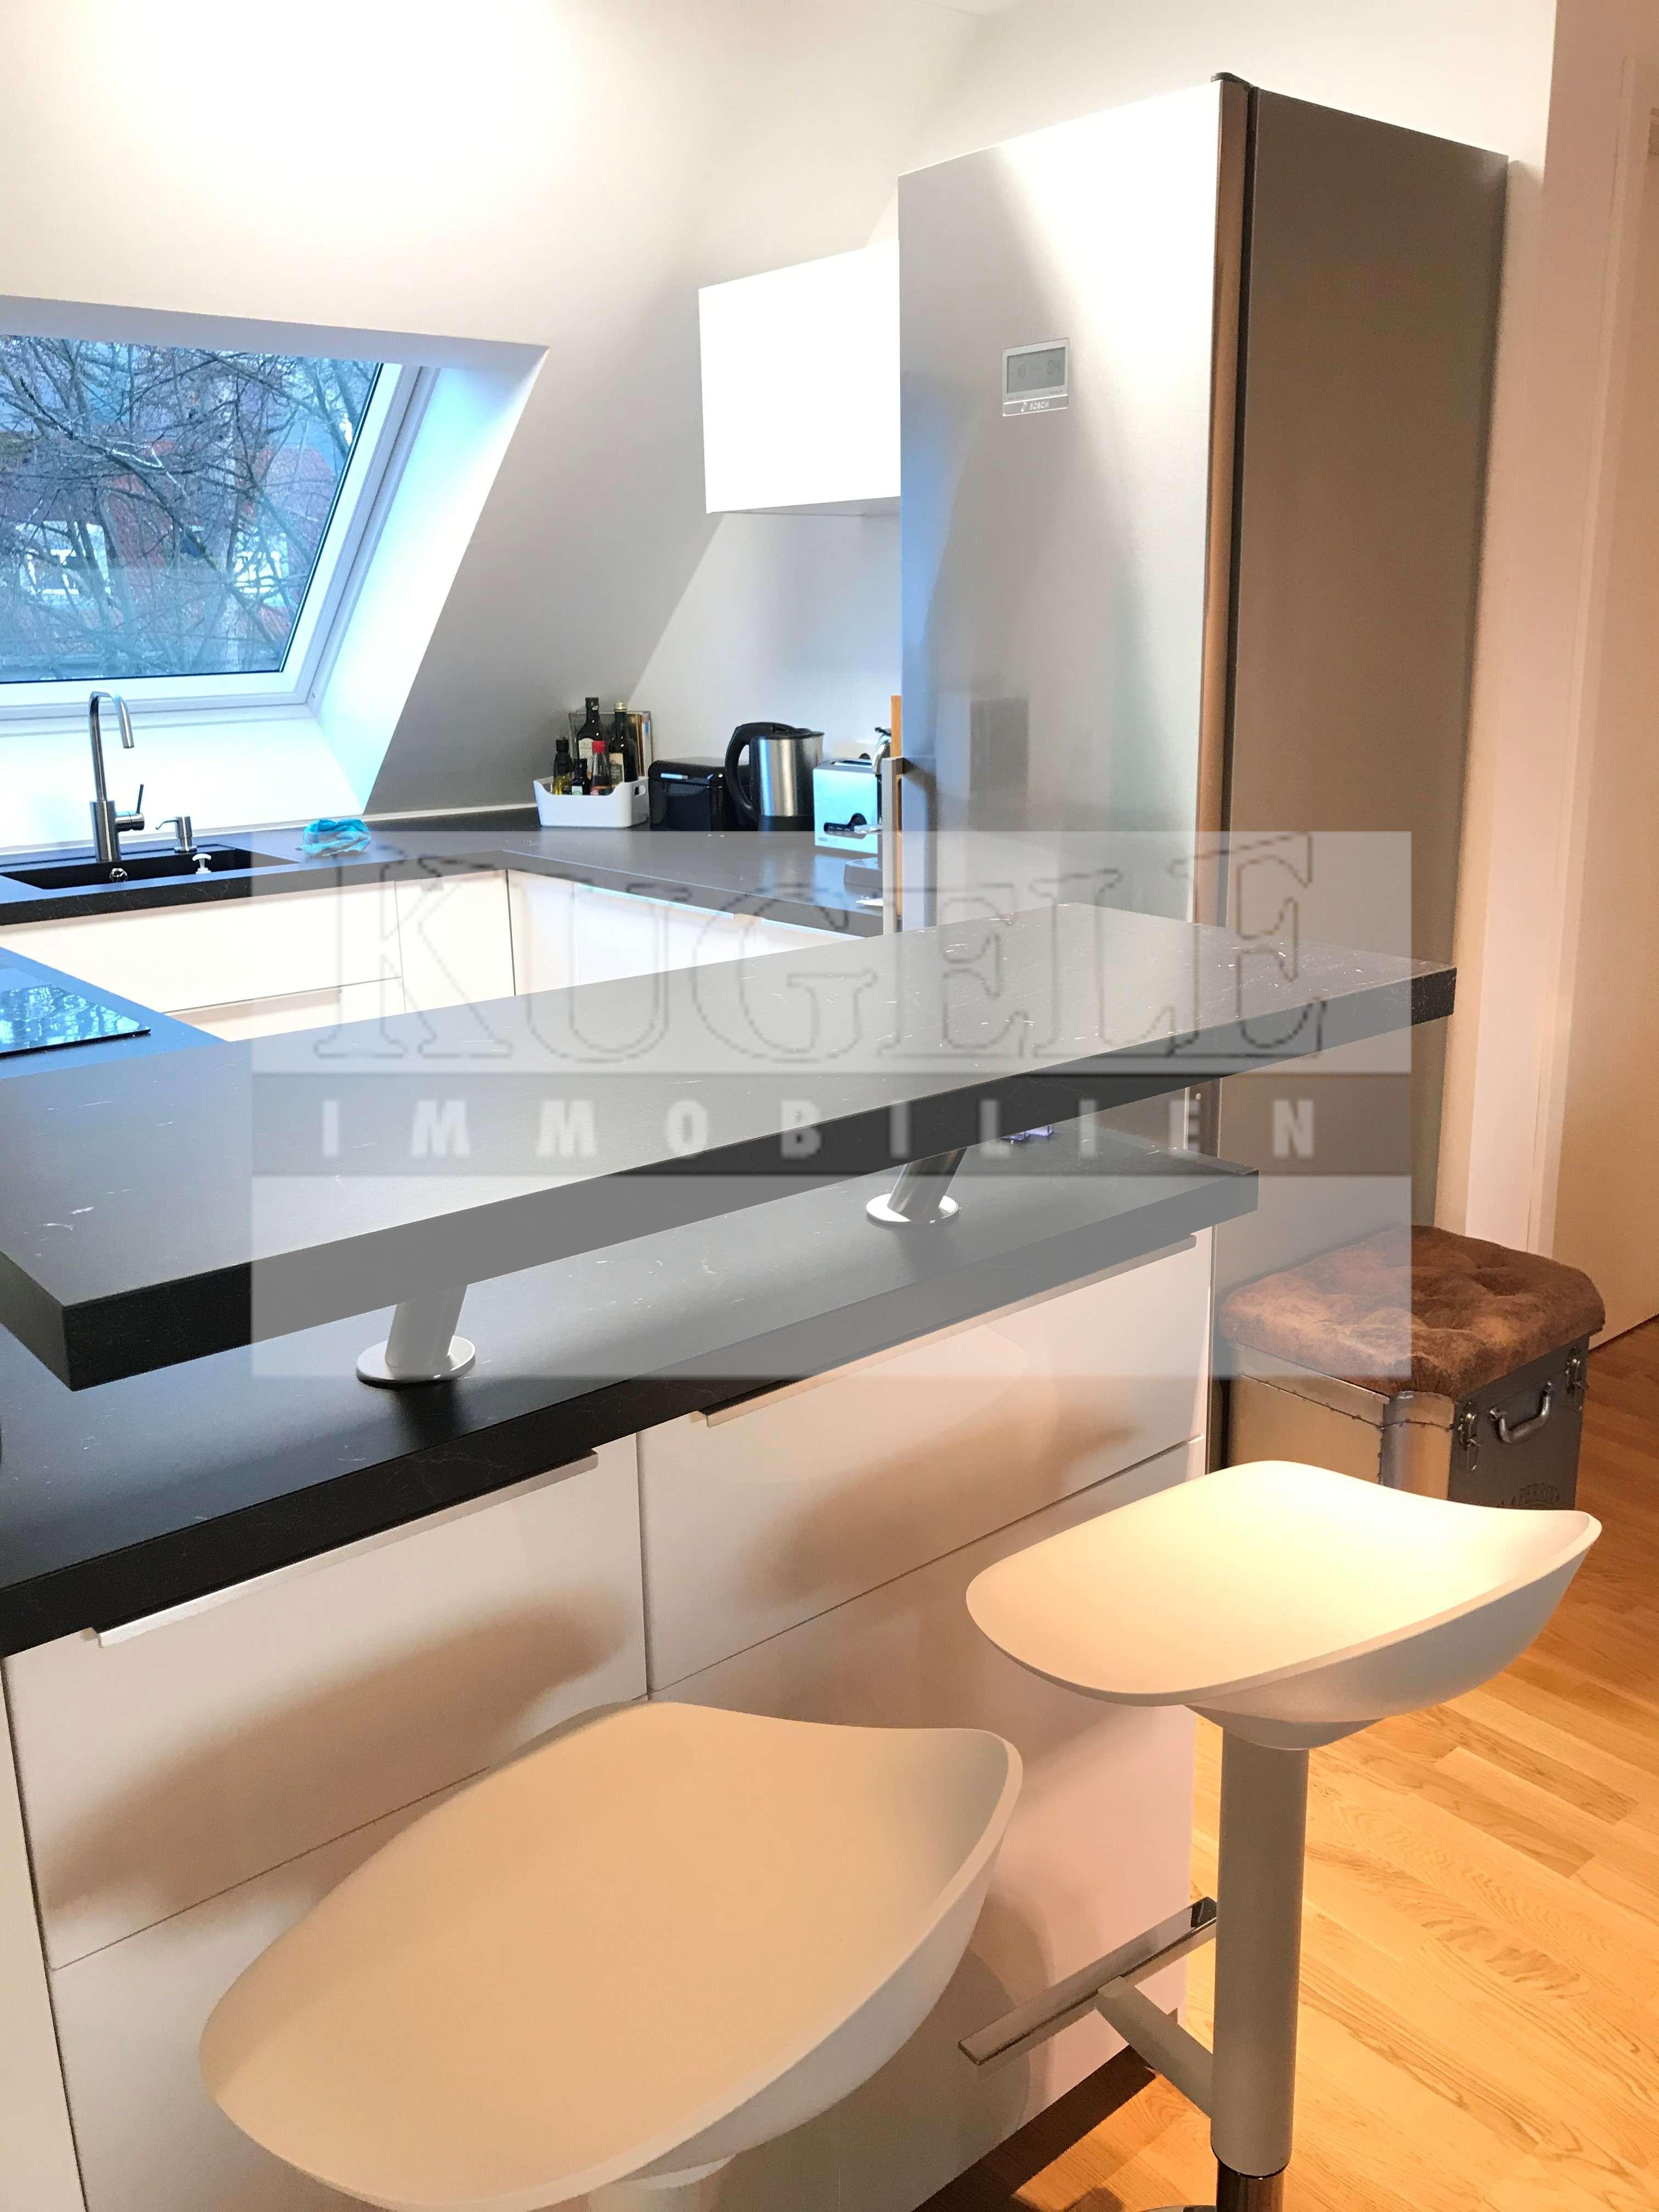 Hochwertige 4-Zimmer-Wohnung mit Galerie in Herrsching zu vermieten! in